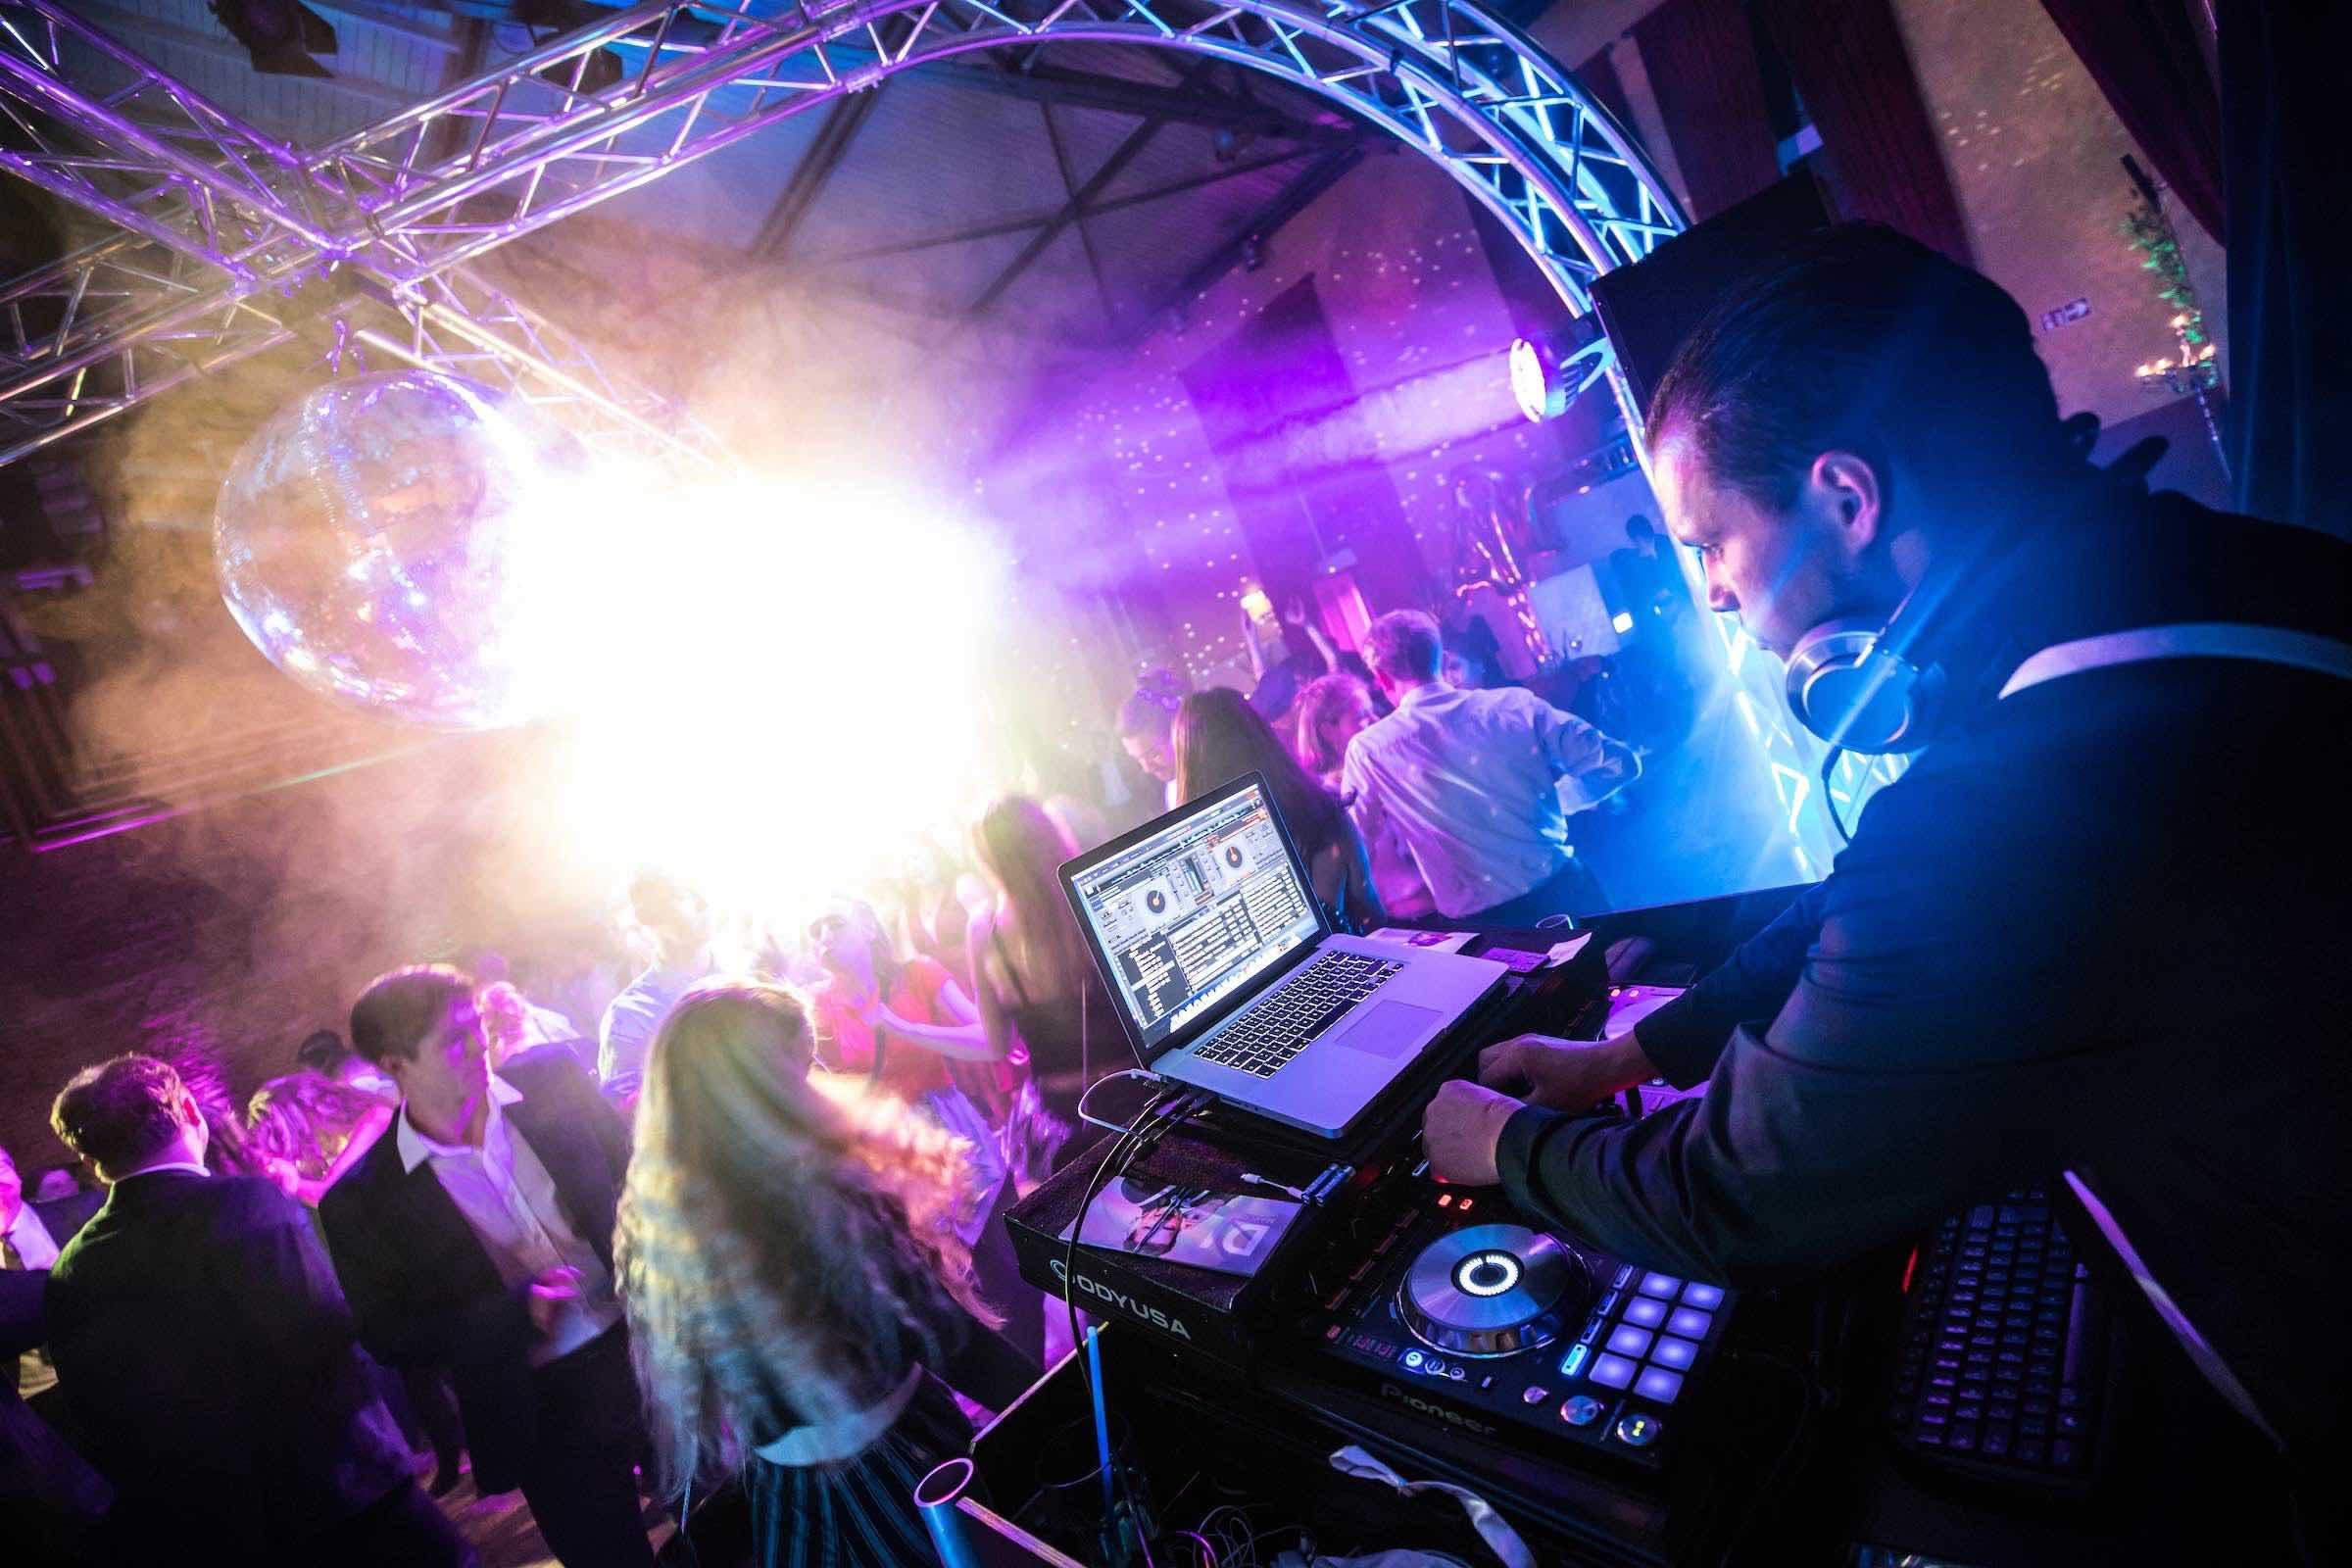 DJ | Hochzeit | Hamburg | Marco | Discjockey | DJ | Geburtstag | Messe | Event | Betriebsfeier | Buchen | Discjockey | Mieten | Anfragen | Hamburgfeiert